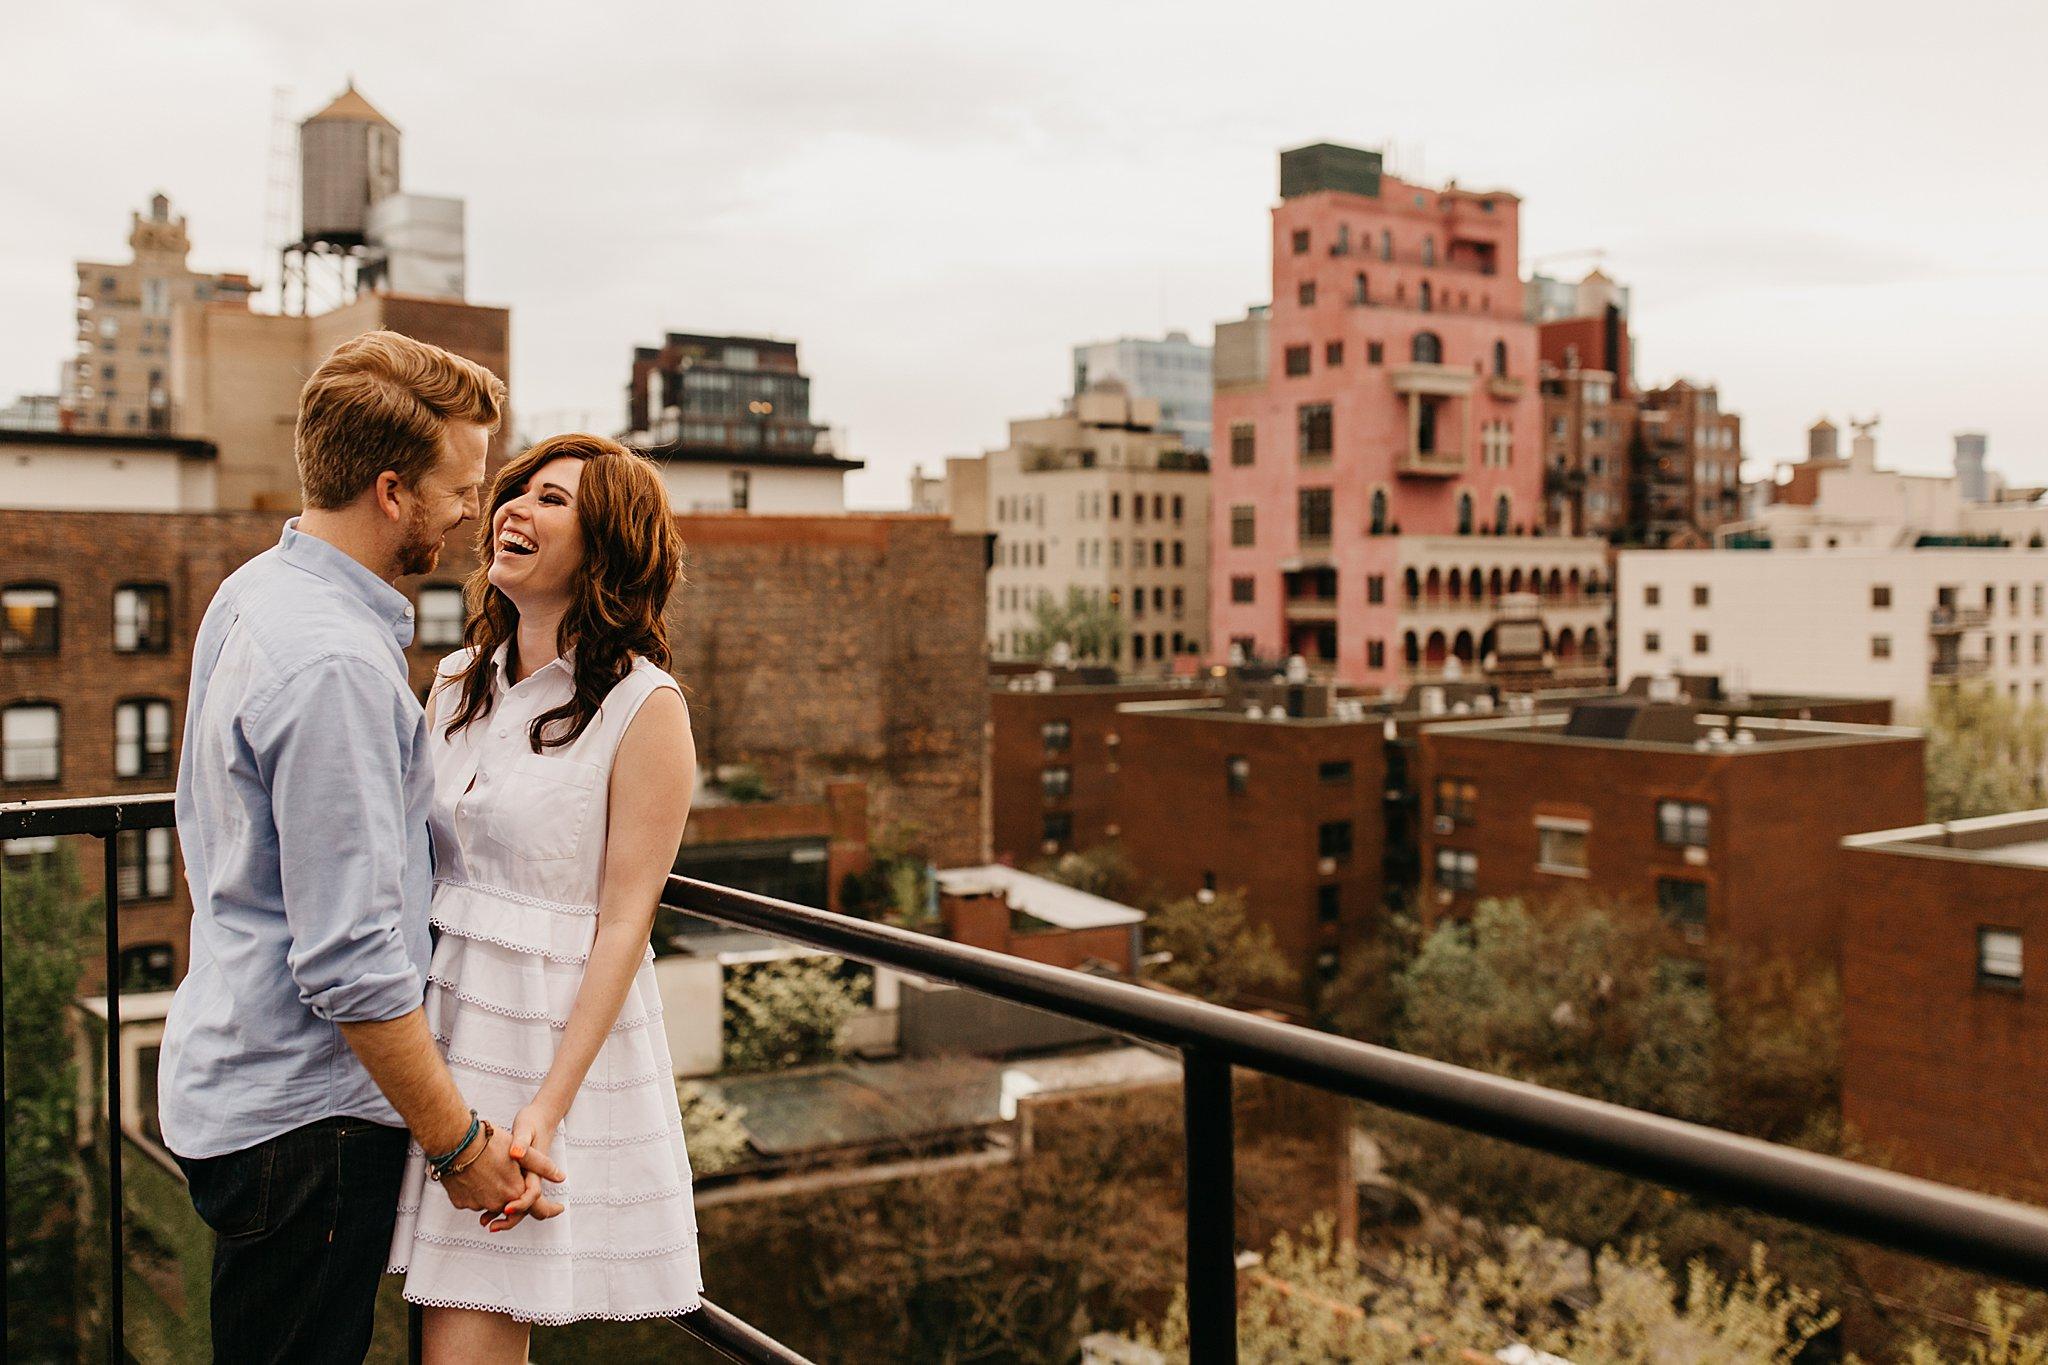 Wilderlove Co_Manhattan_New York City_New York Engagement_West Village_Greenwich Engagement_Rooftop Engagement_New York Photographer_Photography_0026.jpg